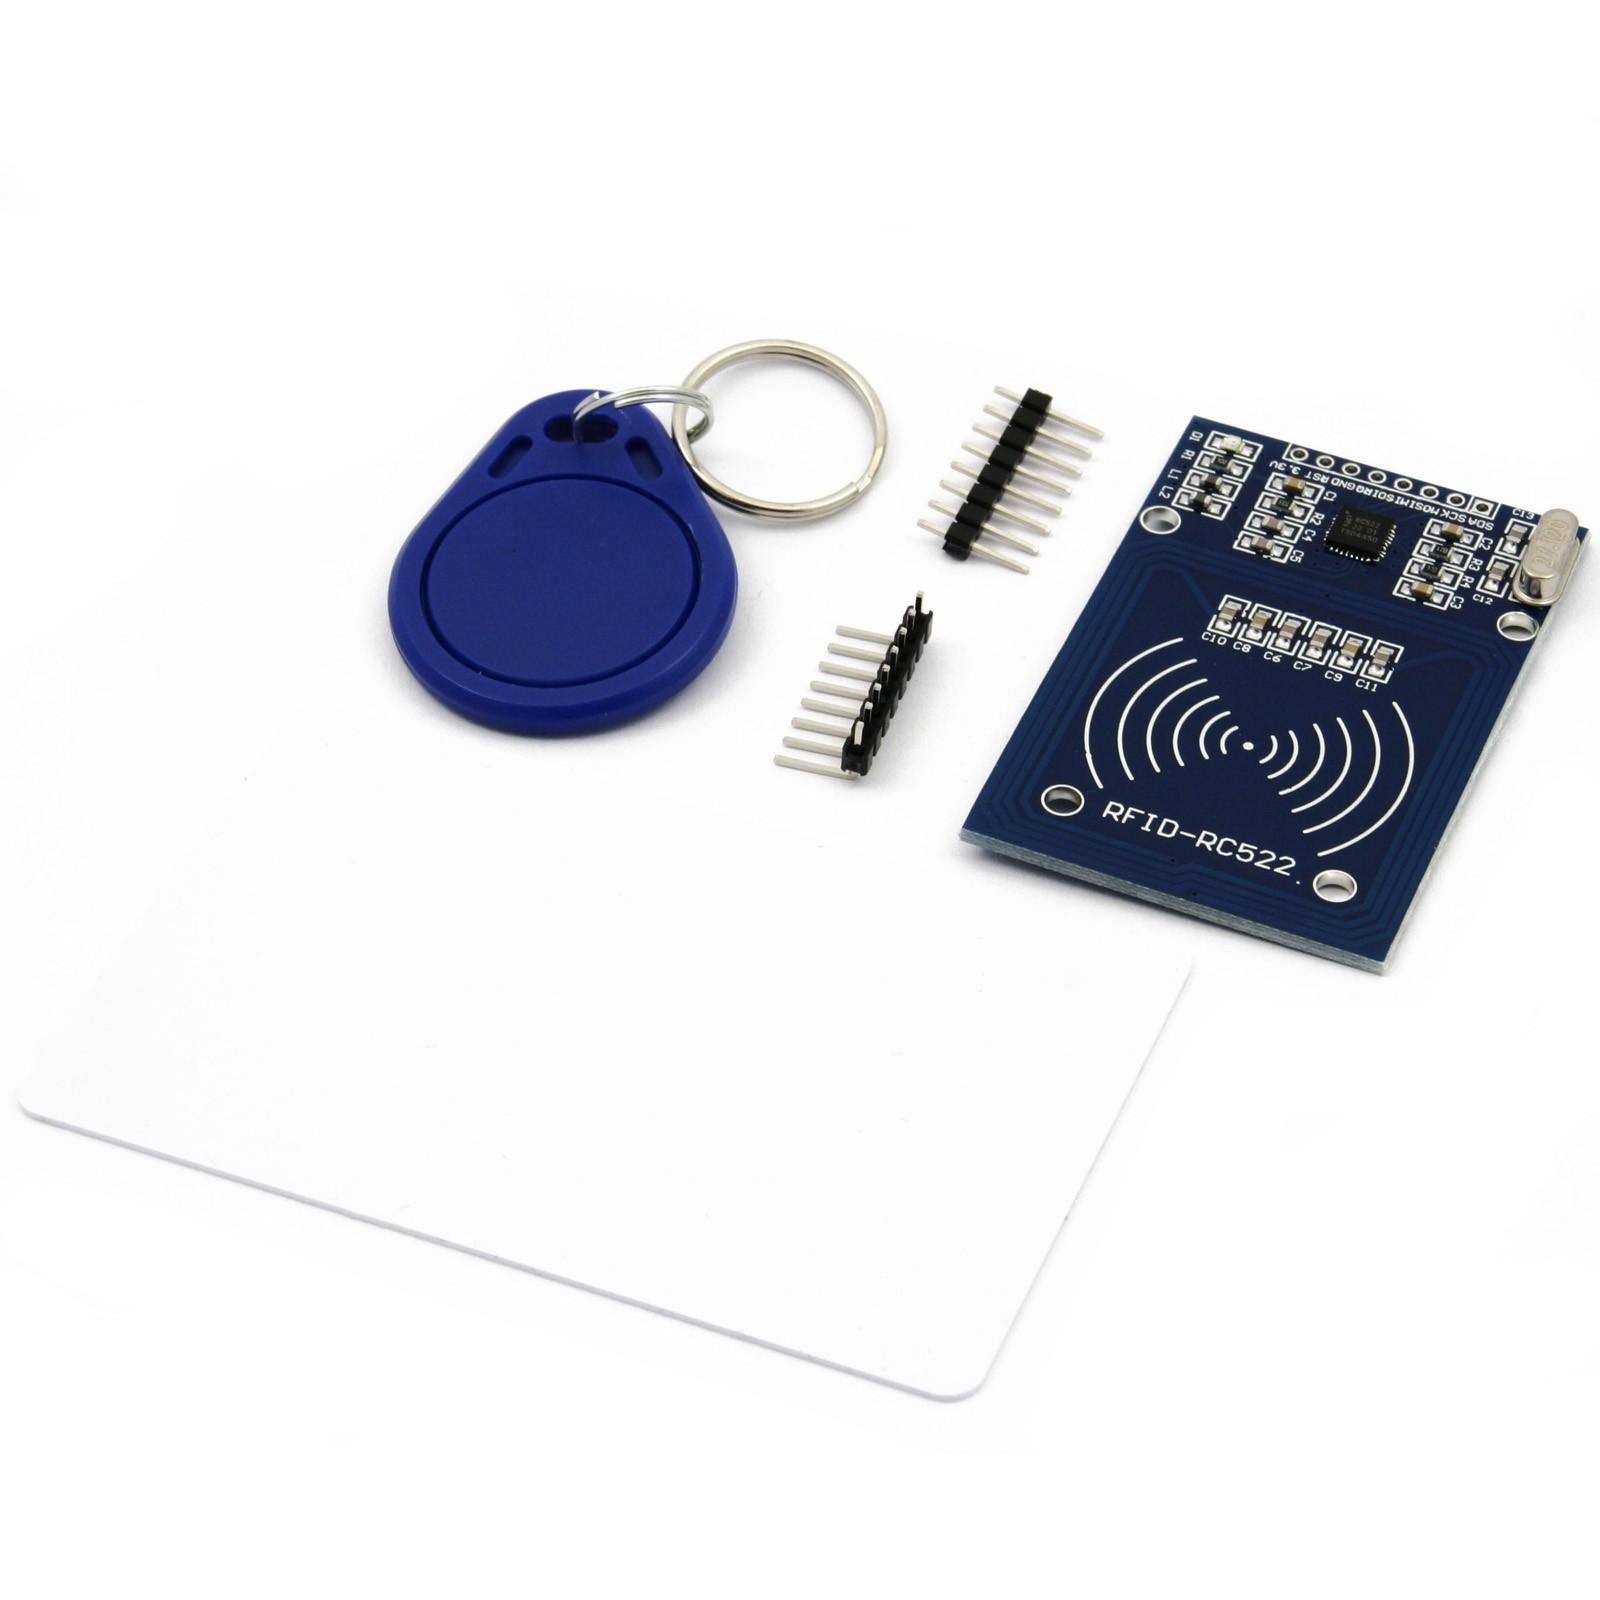 Ein RFID-RC522 Set besteht aus einem Reader, zwei RFID-Tags und Steckleisten zum Anlöten